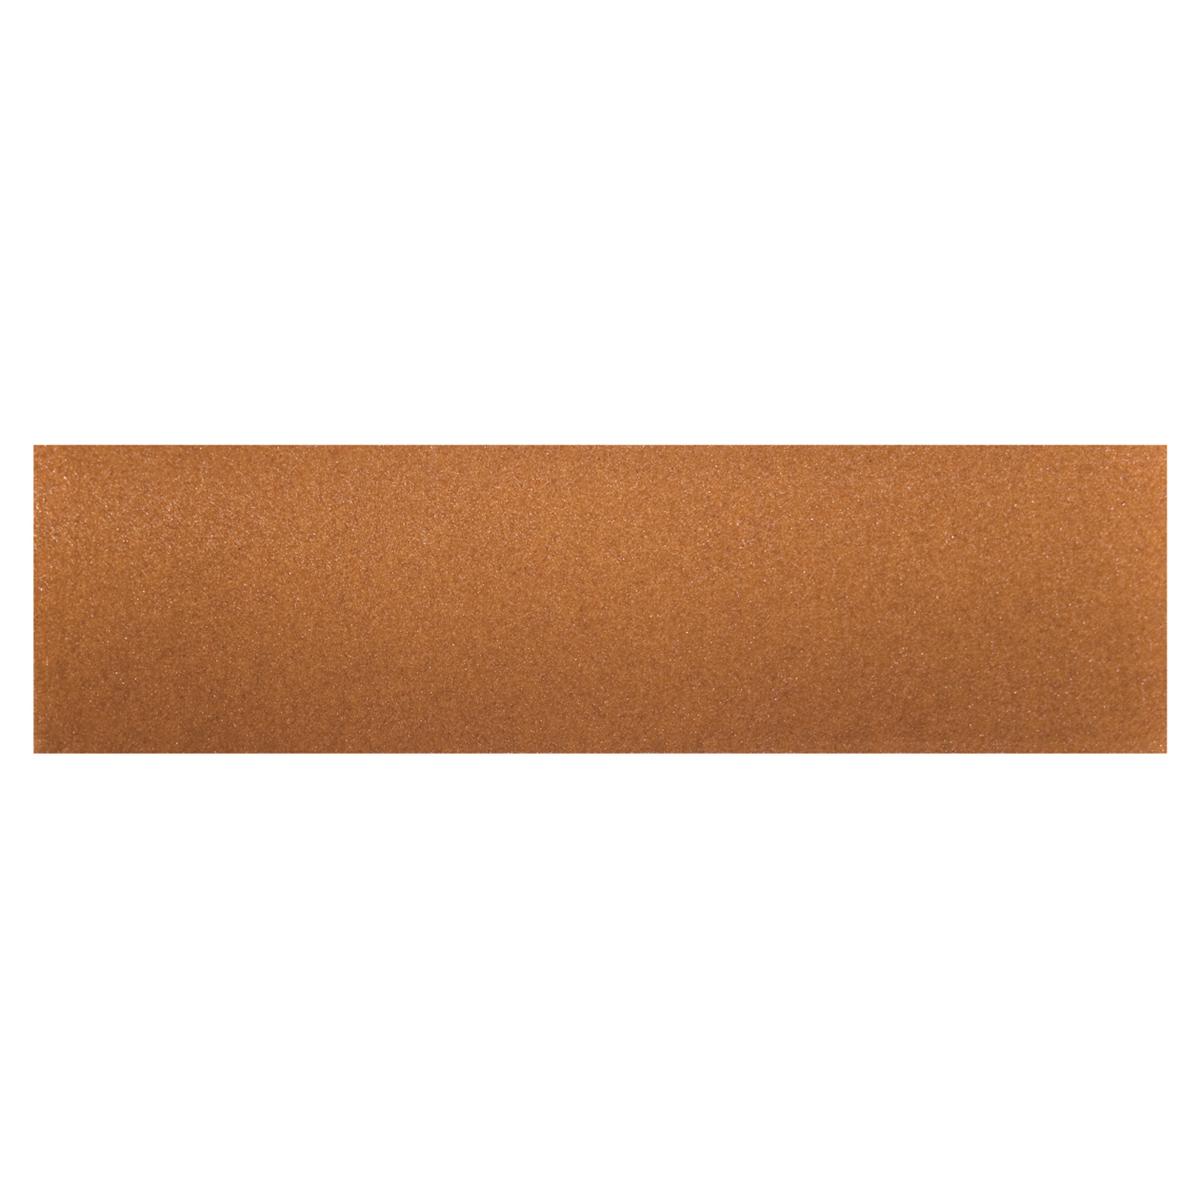 Idea-Ology Sanding Grip Refill Sandpaper 4/Pkg-For TH92482